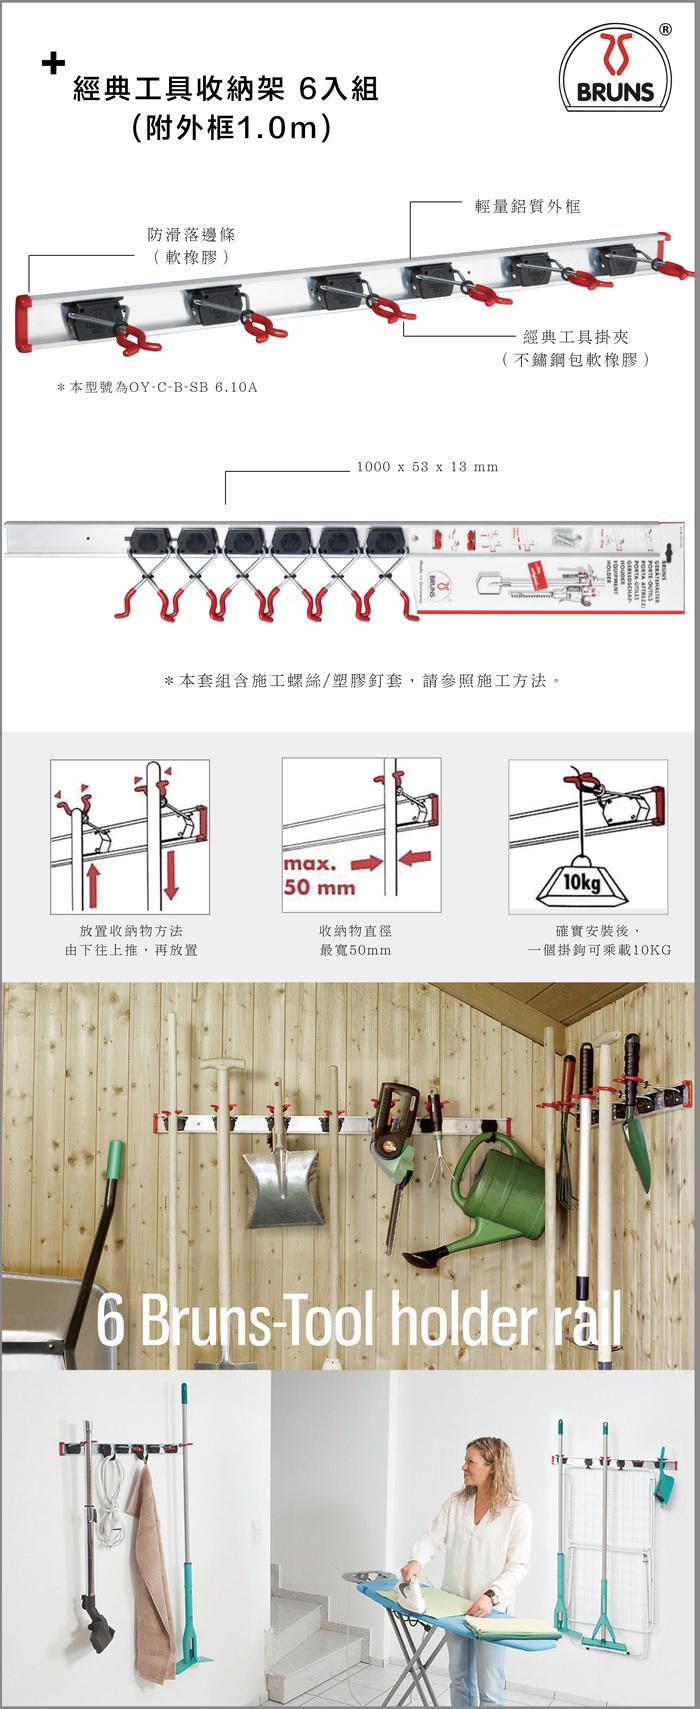 (複製)BRUNS|經典工具收納架 5入組 附外框0.75m